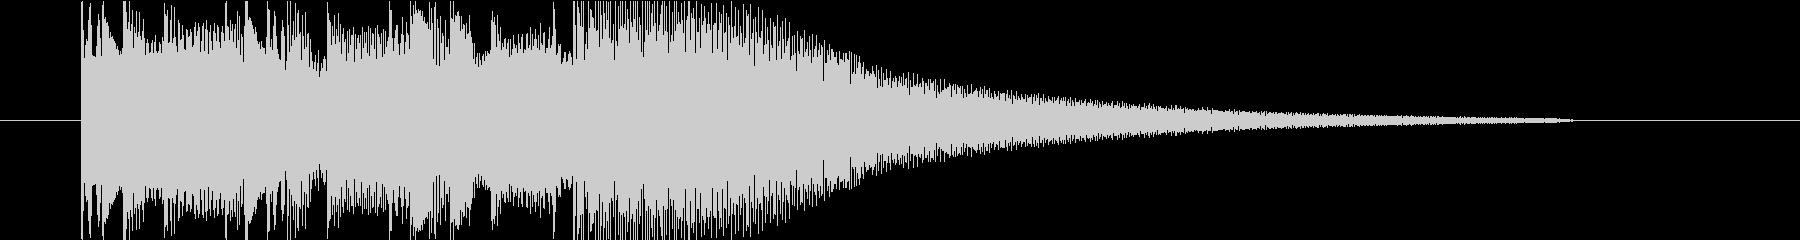 アンニュイな雰囲気のエレピジングルの未再生の波形